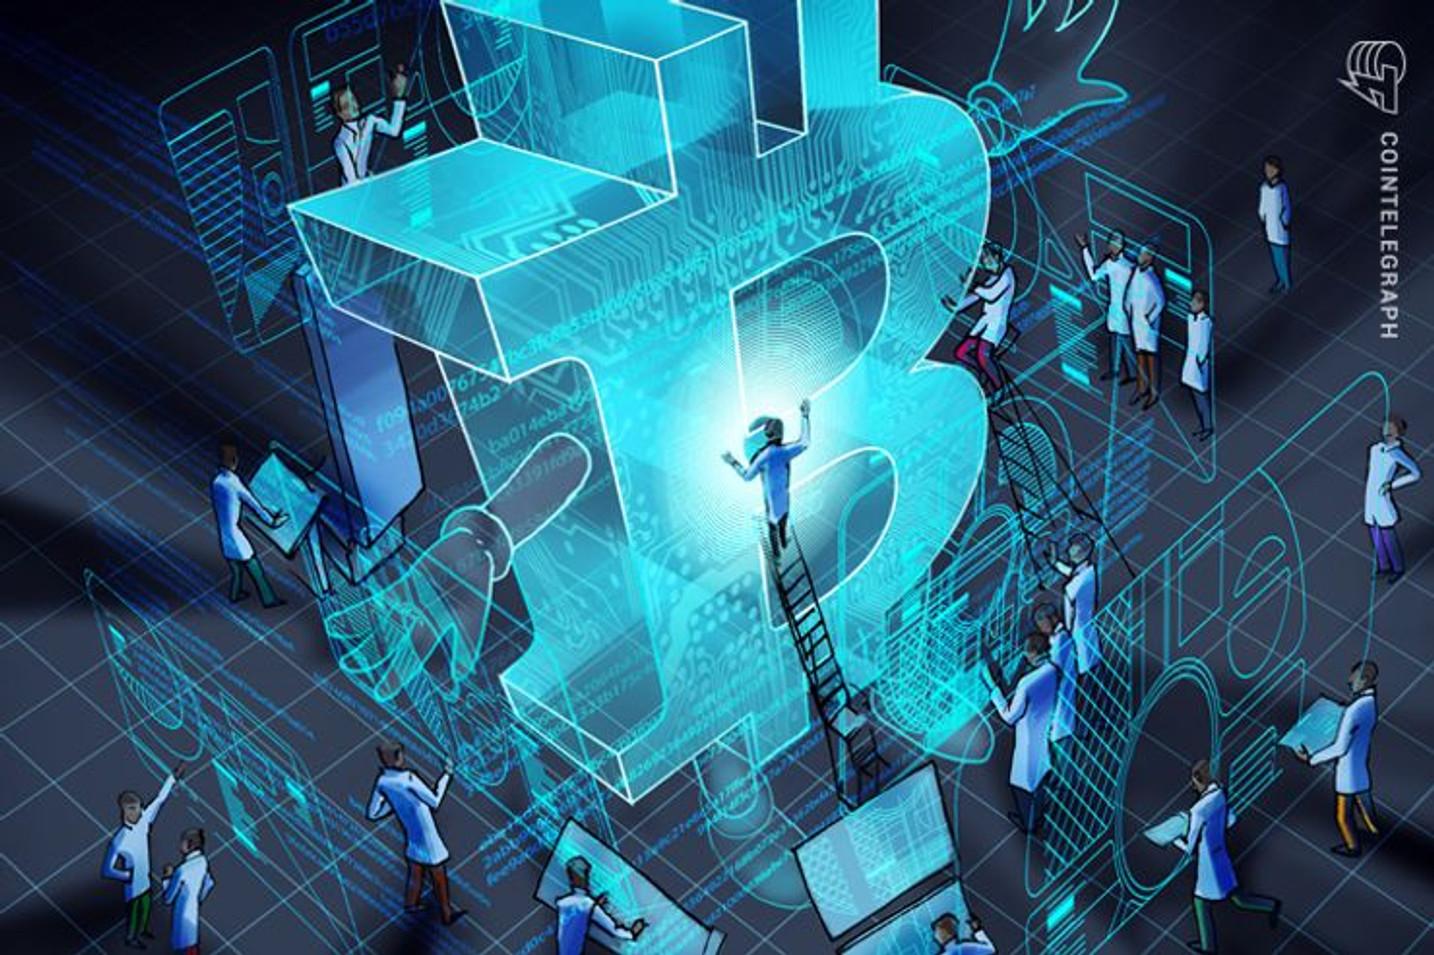 Empresa de advocacia americana lança base de dados com todas ações judiciais envolvendo criptomoedas